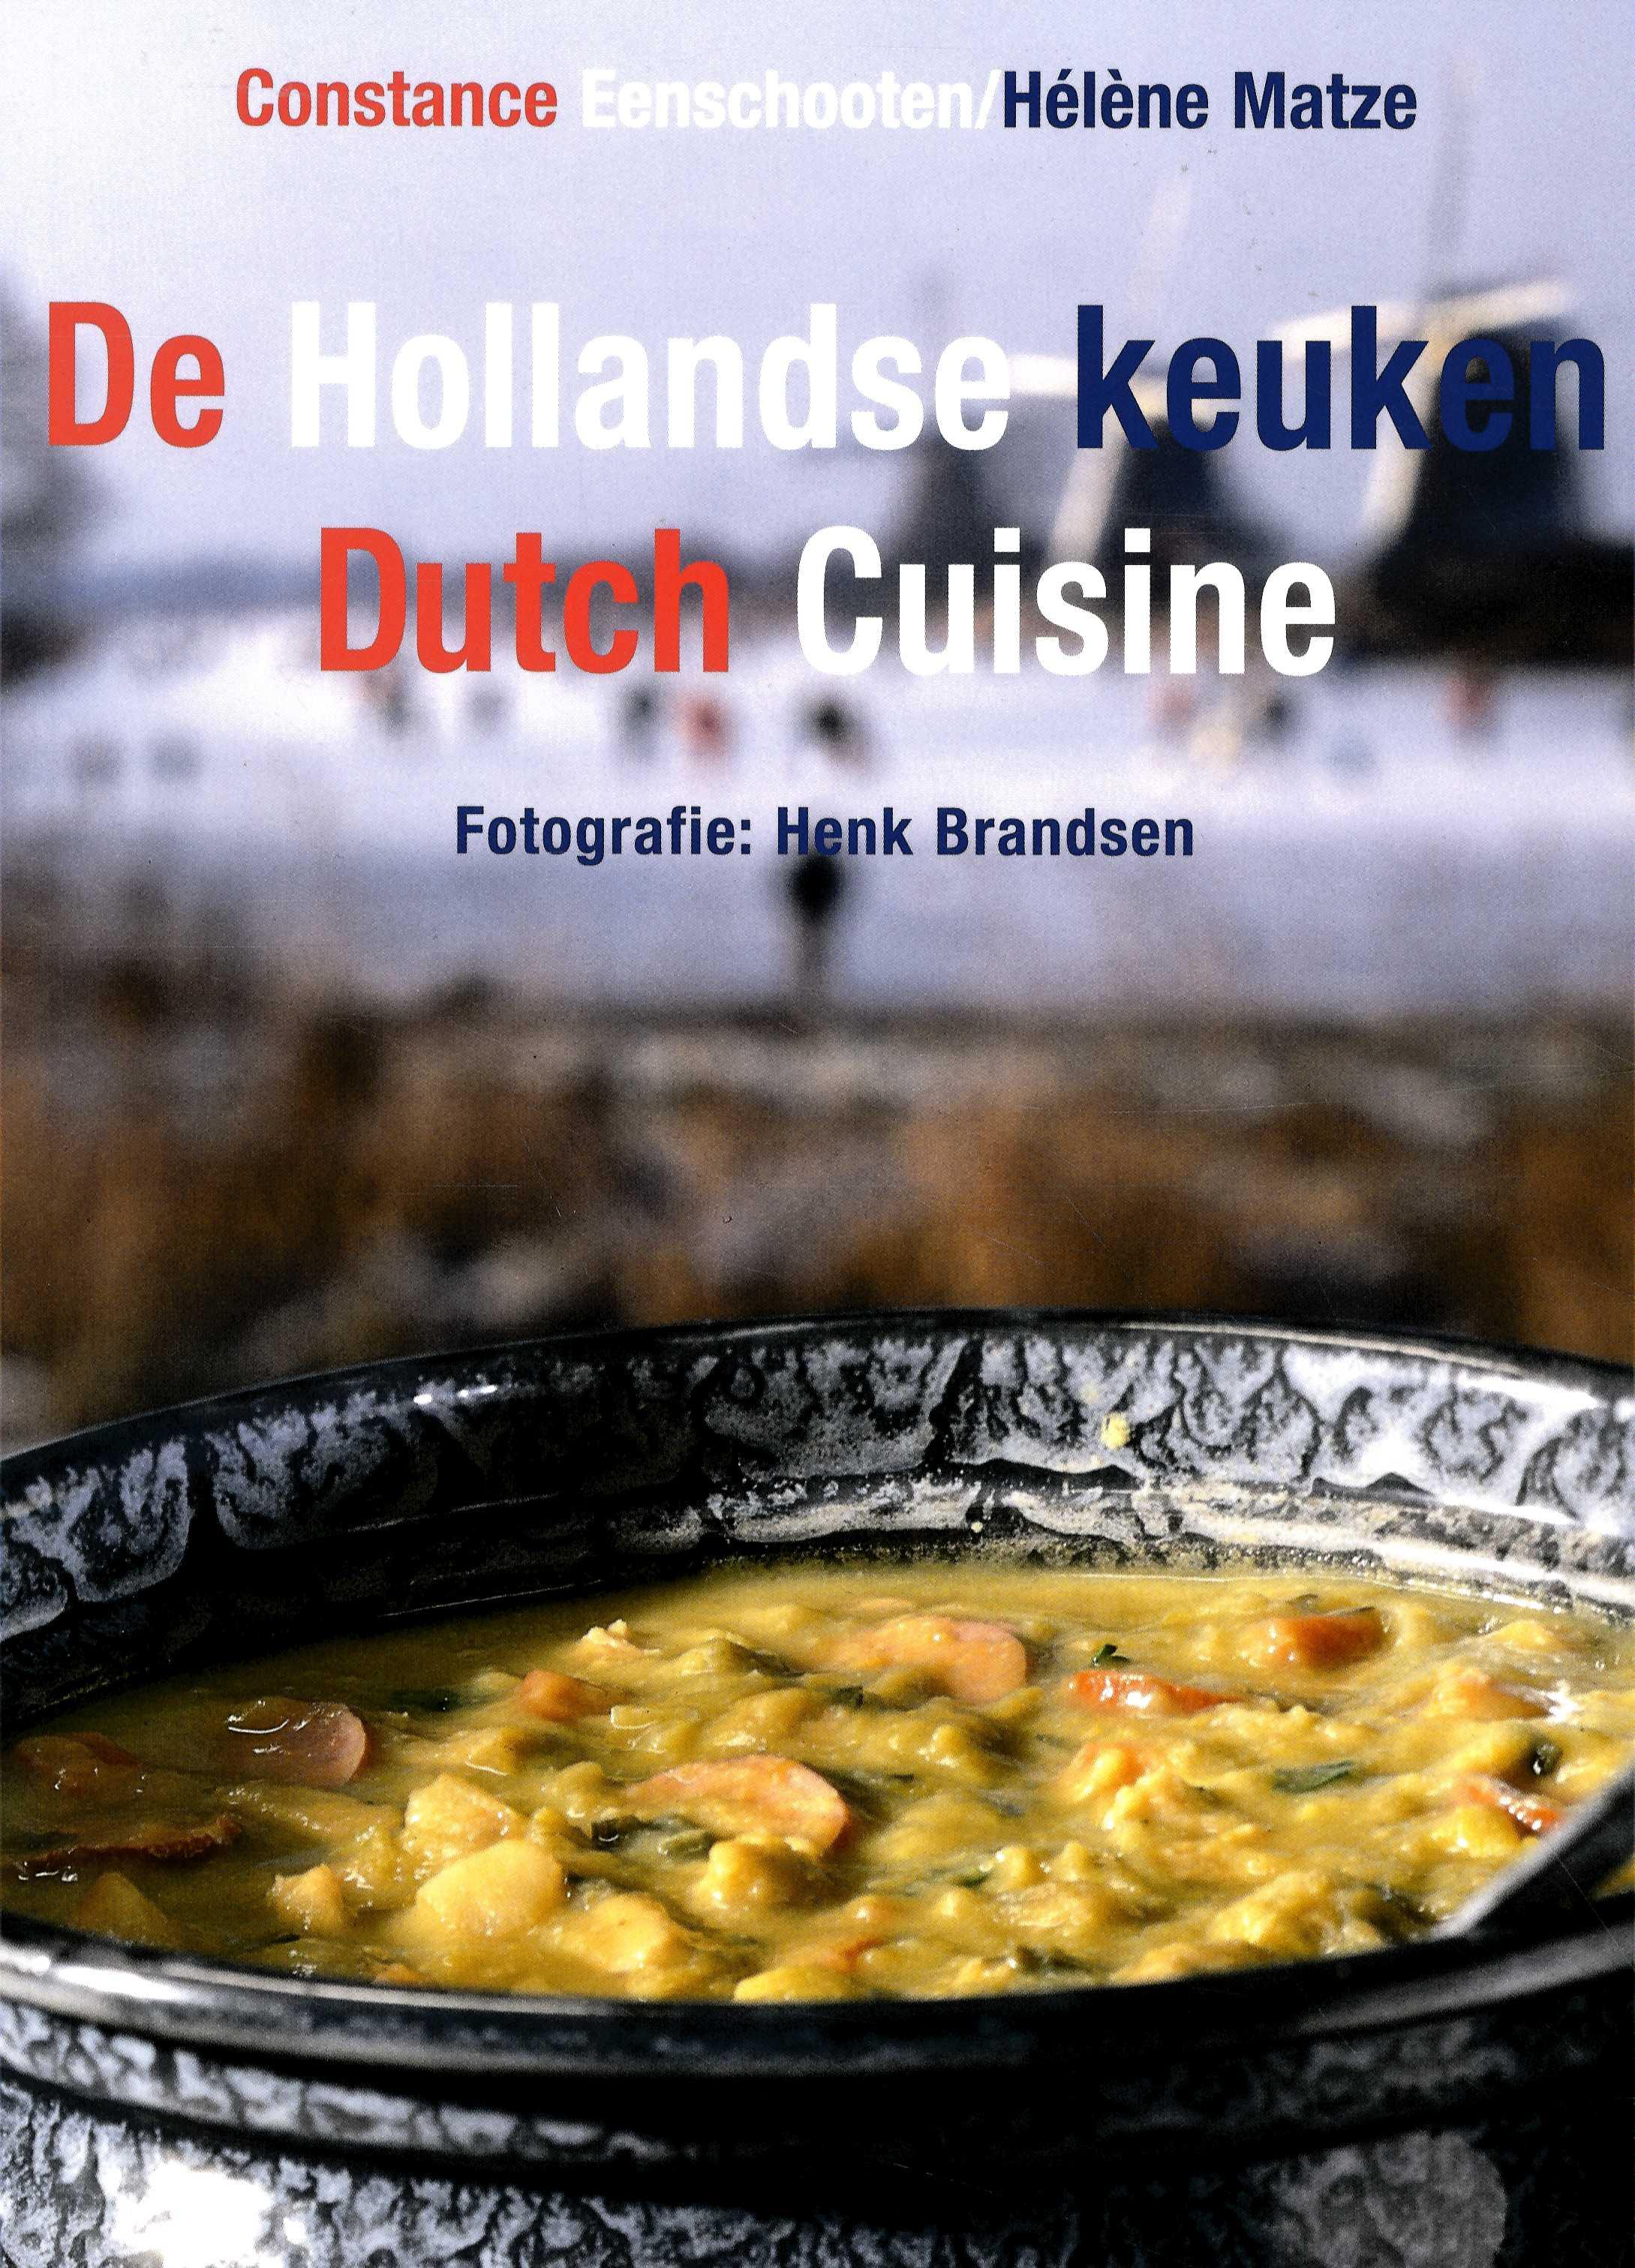 Hollandse keuken-Dutch Cuisine